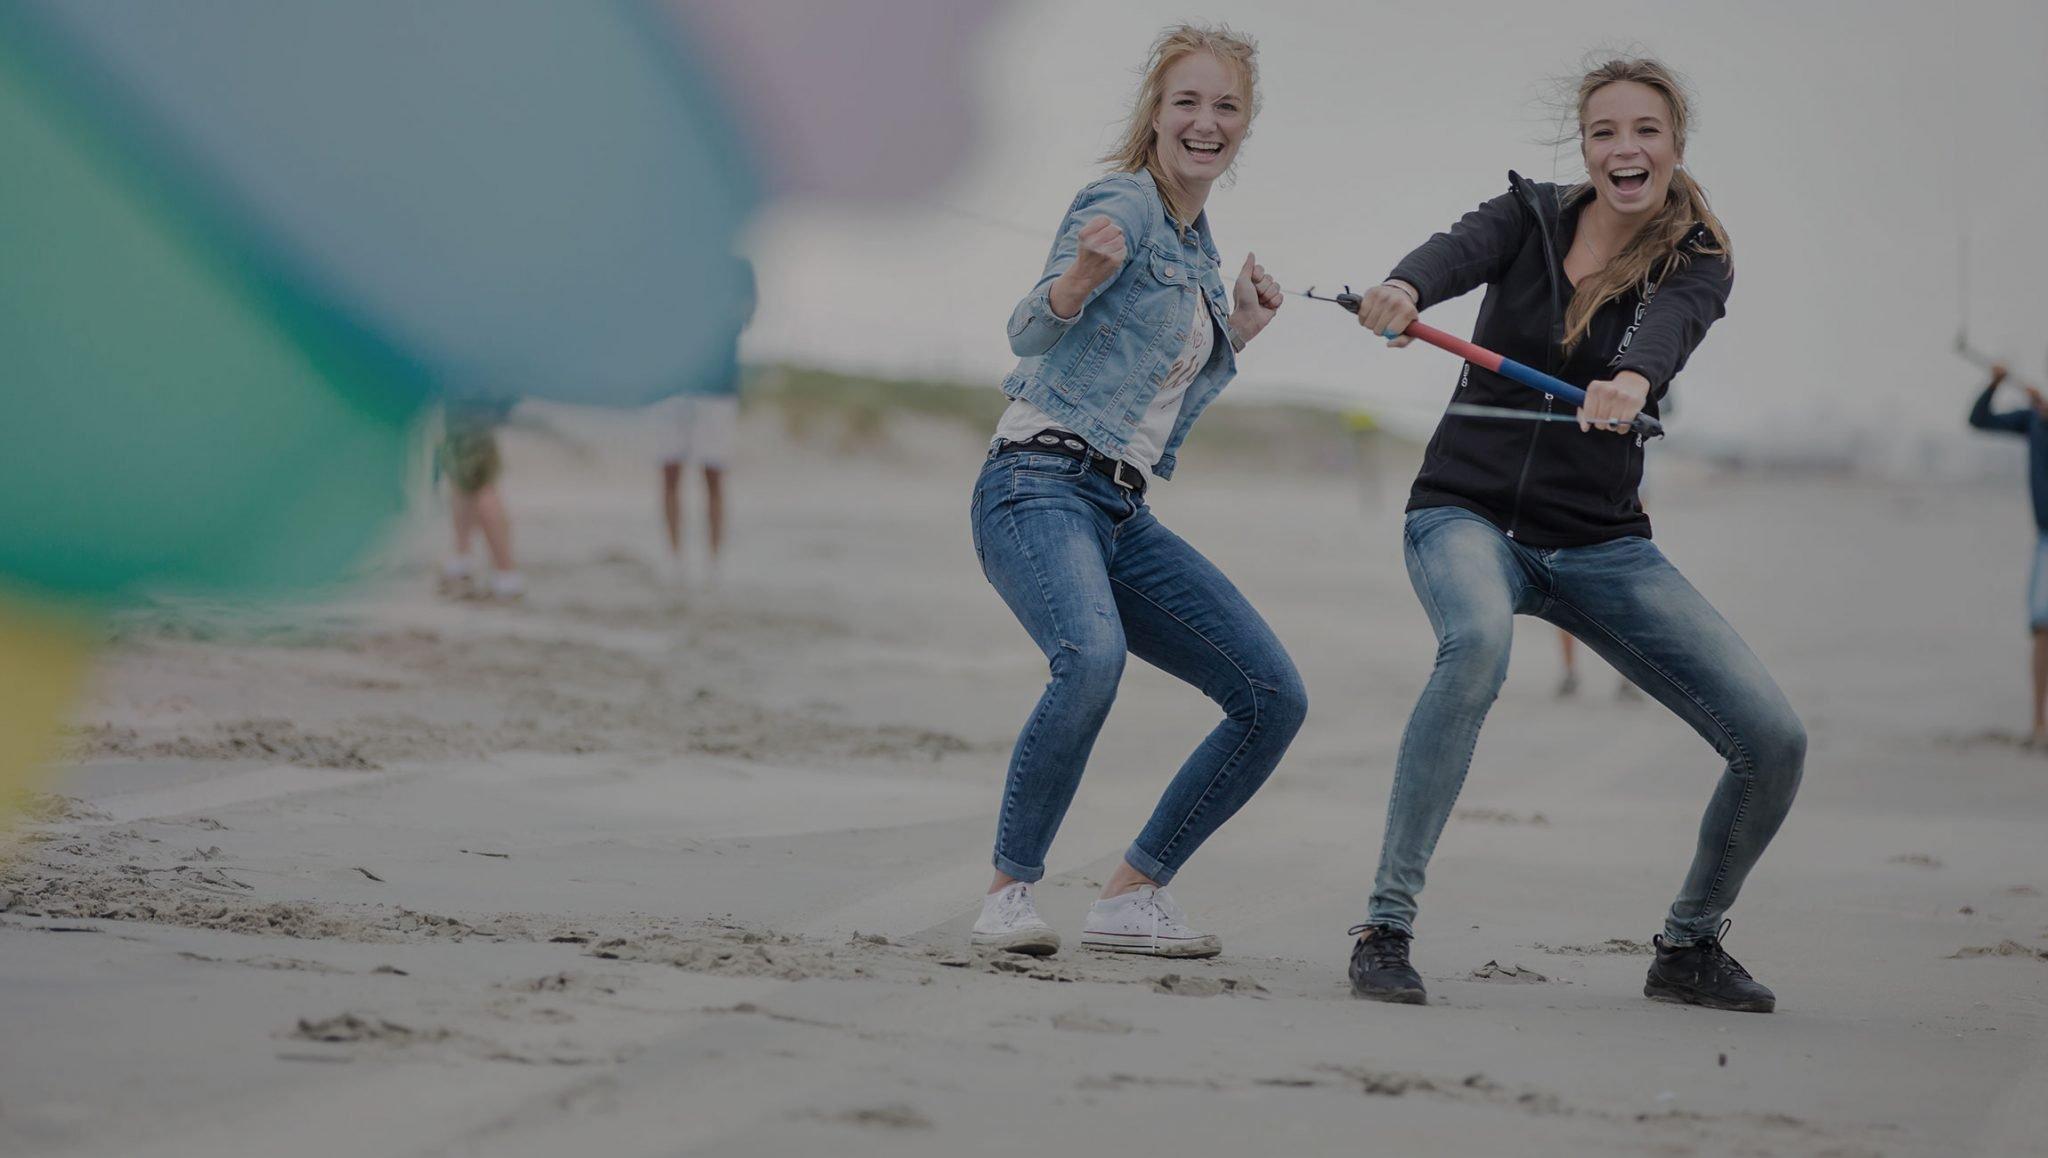 Vliegeren met krachtvliegers ofwel powerkiten op het strand met een Vrijgezellenfeest, bedrijfsuitje, familie-uitje of teamuitje doe je tussen Scheveningen en Hoek van Holland, in de regio Zuid-Holland op het strand van 's-Gravenzande bij WATO-Events